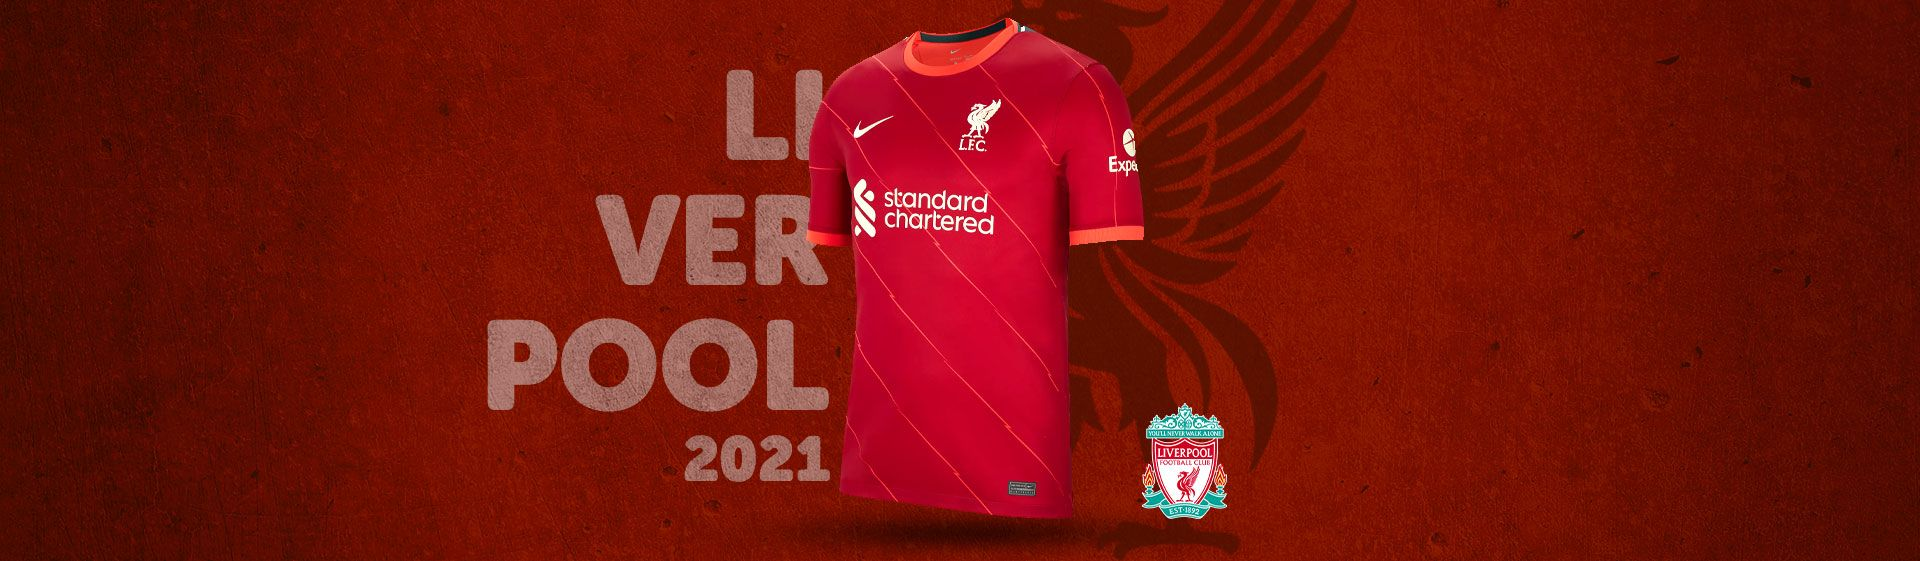 Camisa do Liverpool: camisas do Liverpool para comprar em 2021